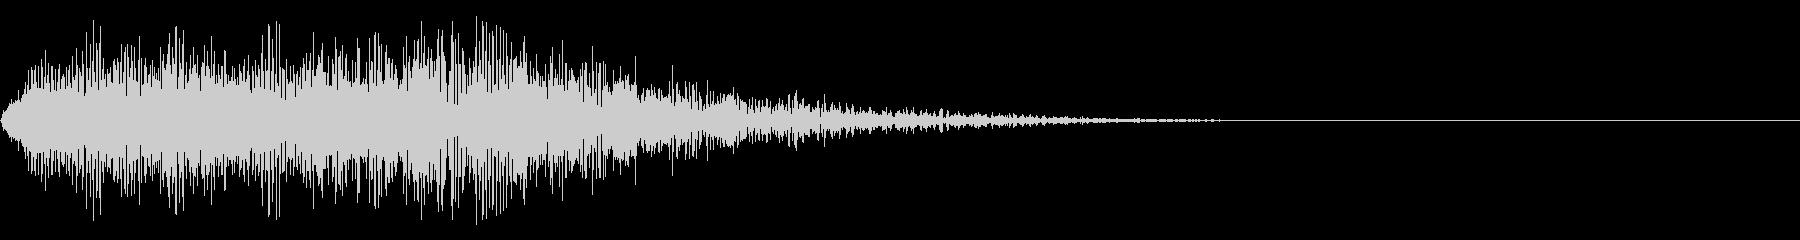 電気の流れる音(アニメ、SF映画)の未再生の波形